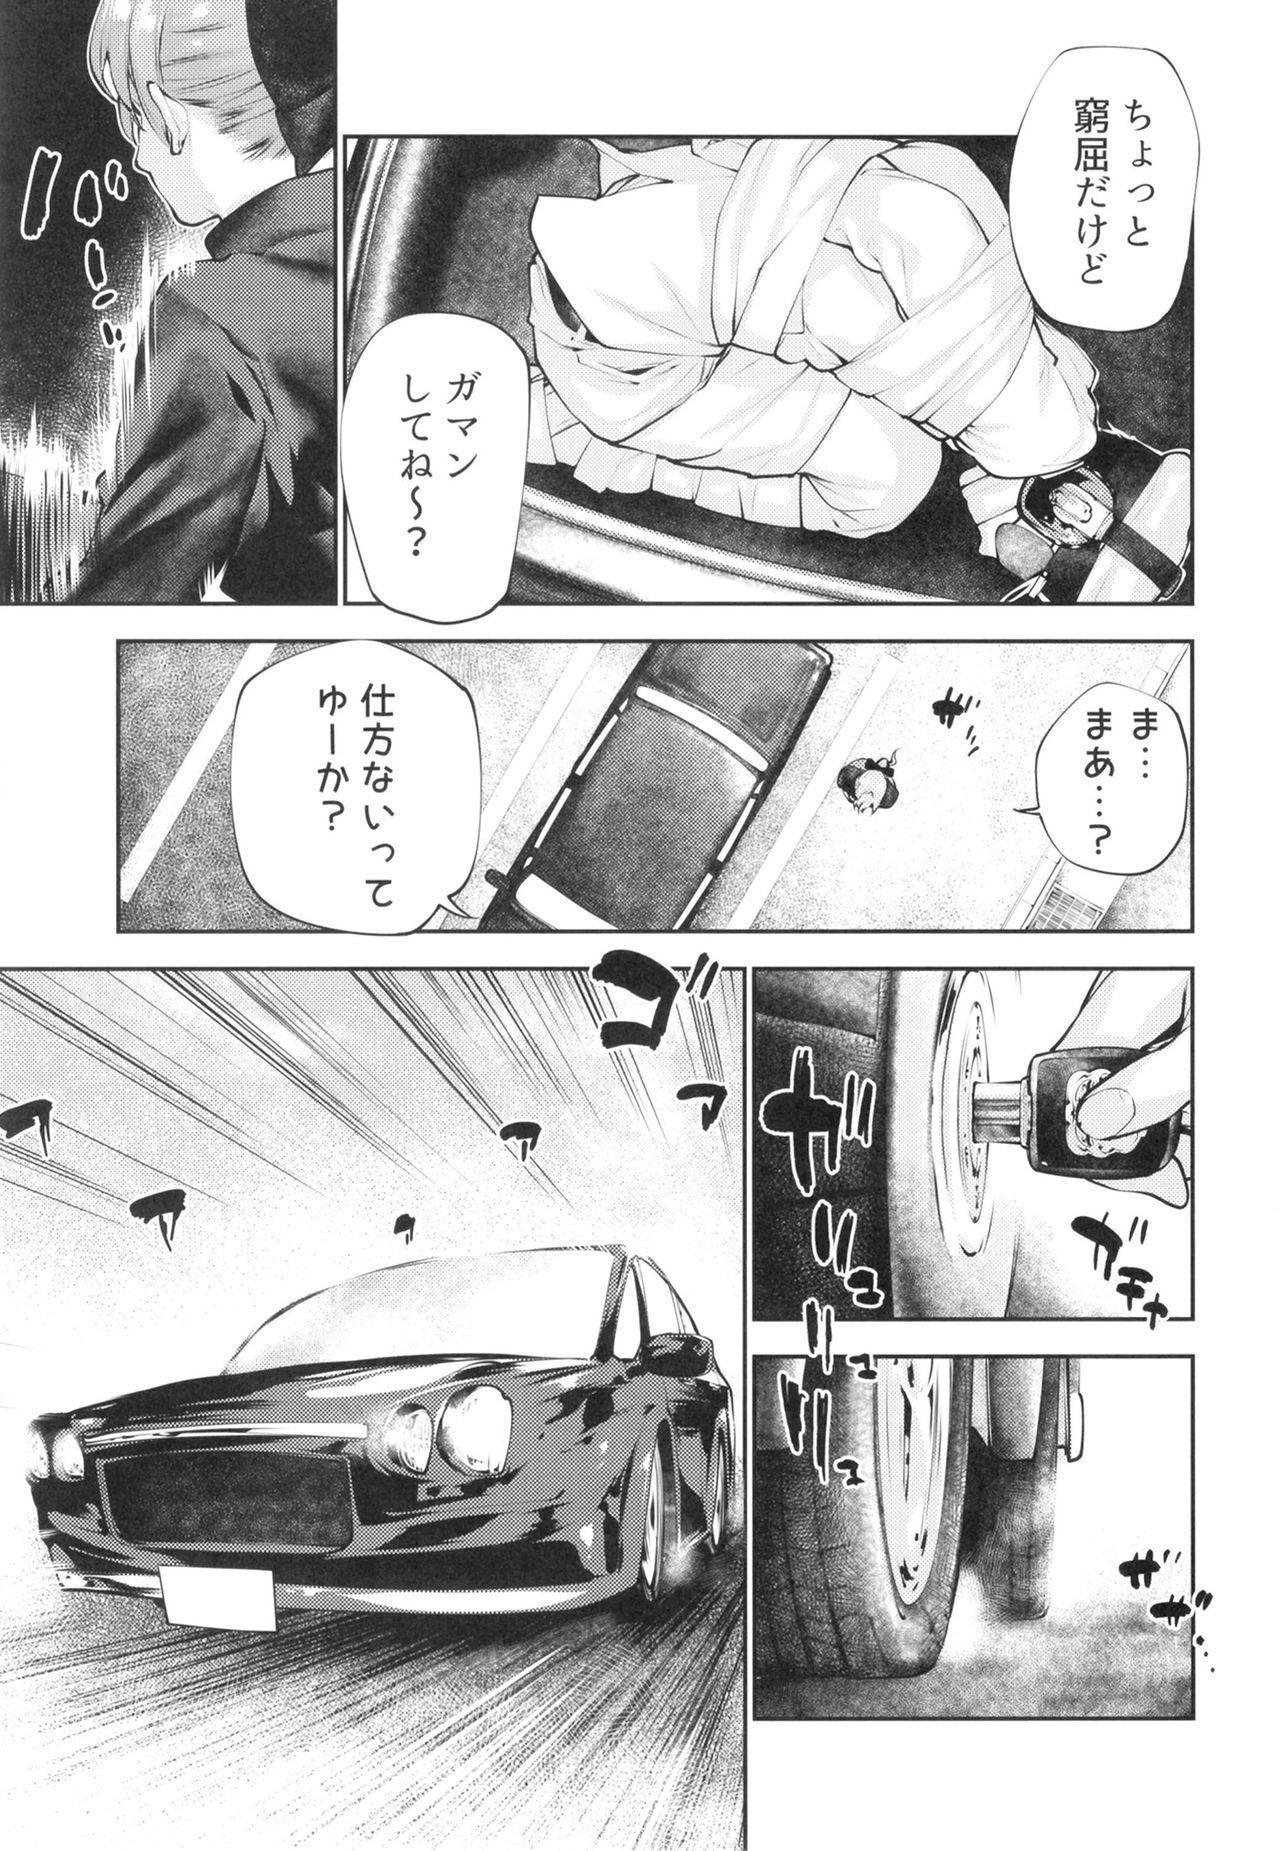 [kitsunenotera (bouko)] Kou demo Shinakya Akigumo-san 25-sai ga Teitoku to Hameru Kikai Isshou Konai desho (Kantai Collection -KanColle-) [Digital] 4